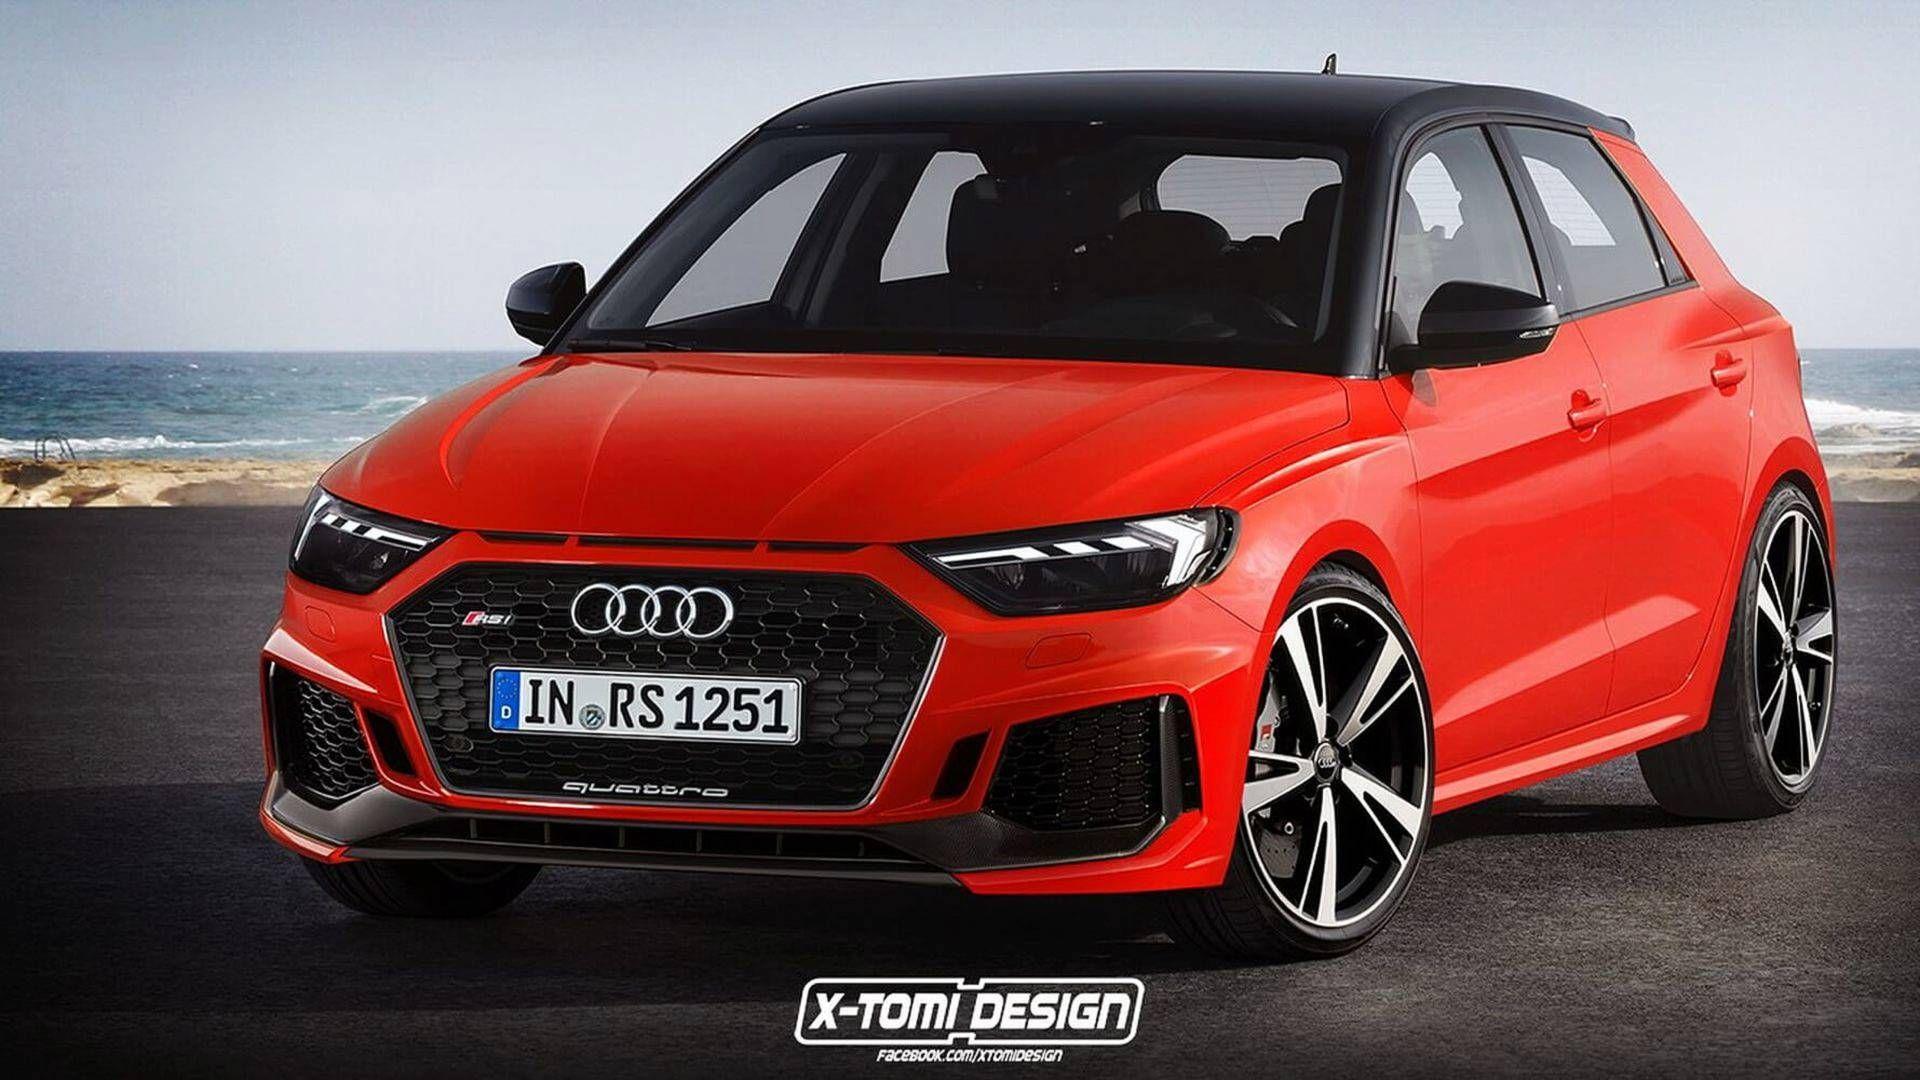 2019 Audi Rs1 Rs1 Clubsport Quattro A1 Avant A1 Allroad Renders